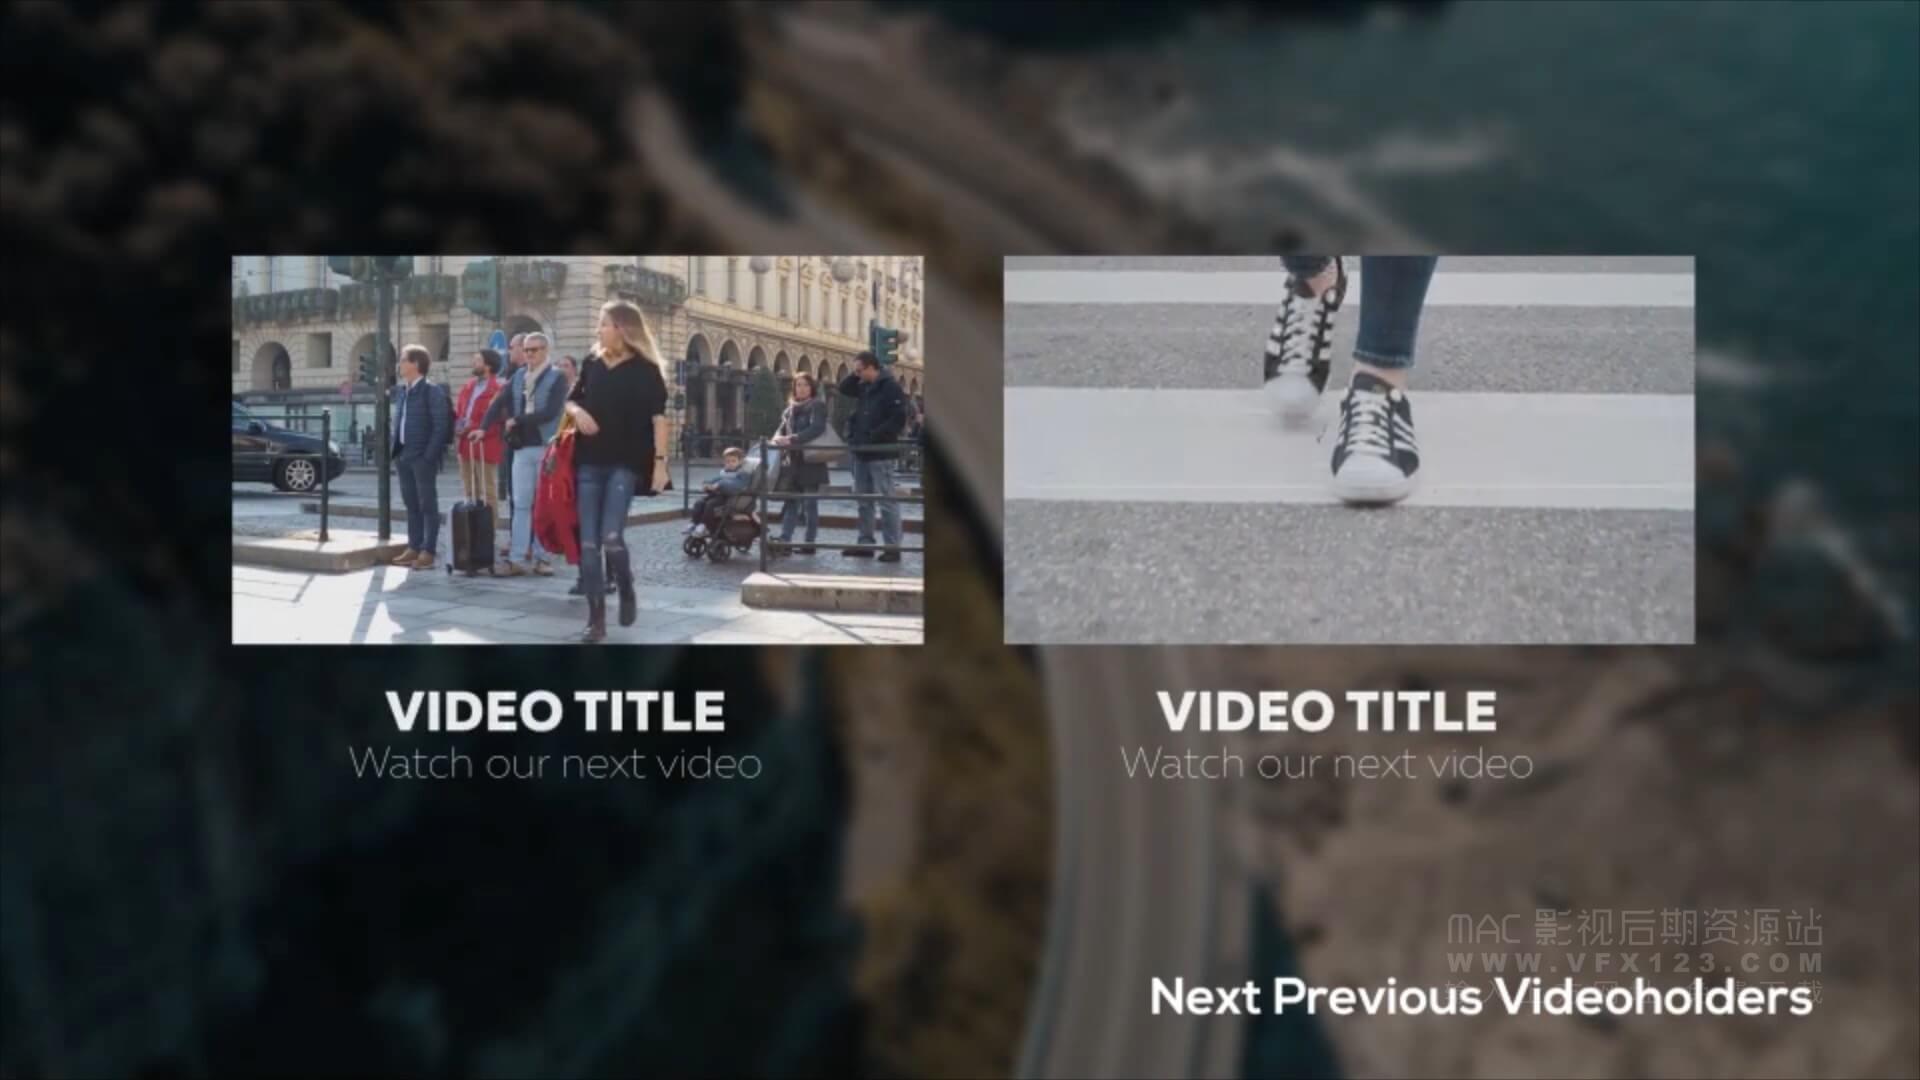 FCPX标题插件 41个社交自媒体工具包 Youtube Channel Kit 2